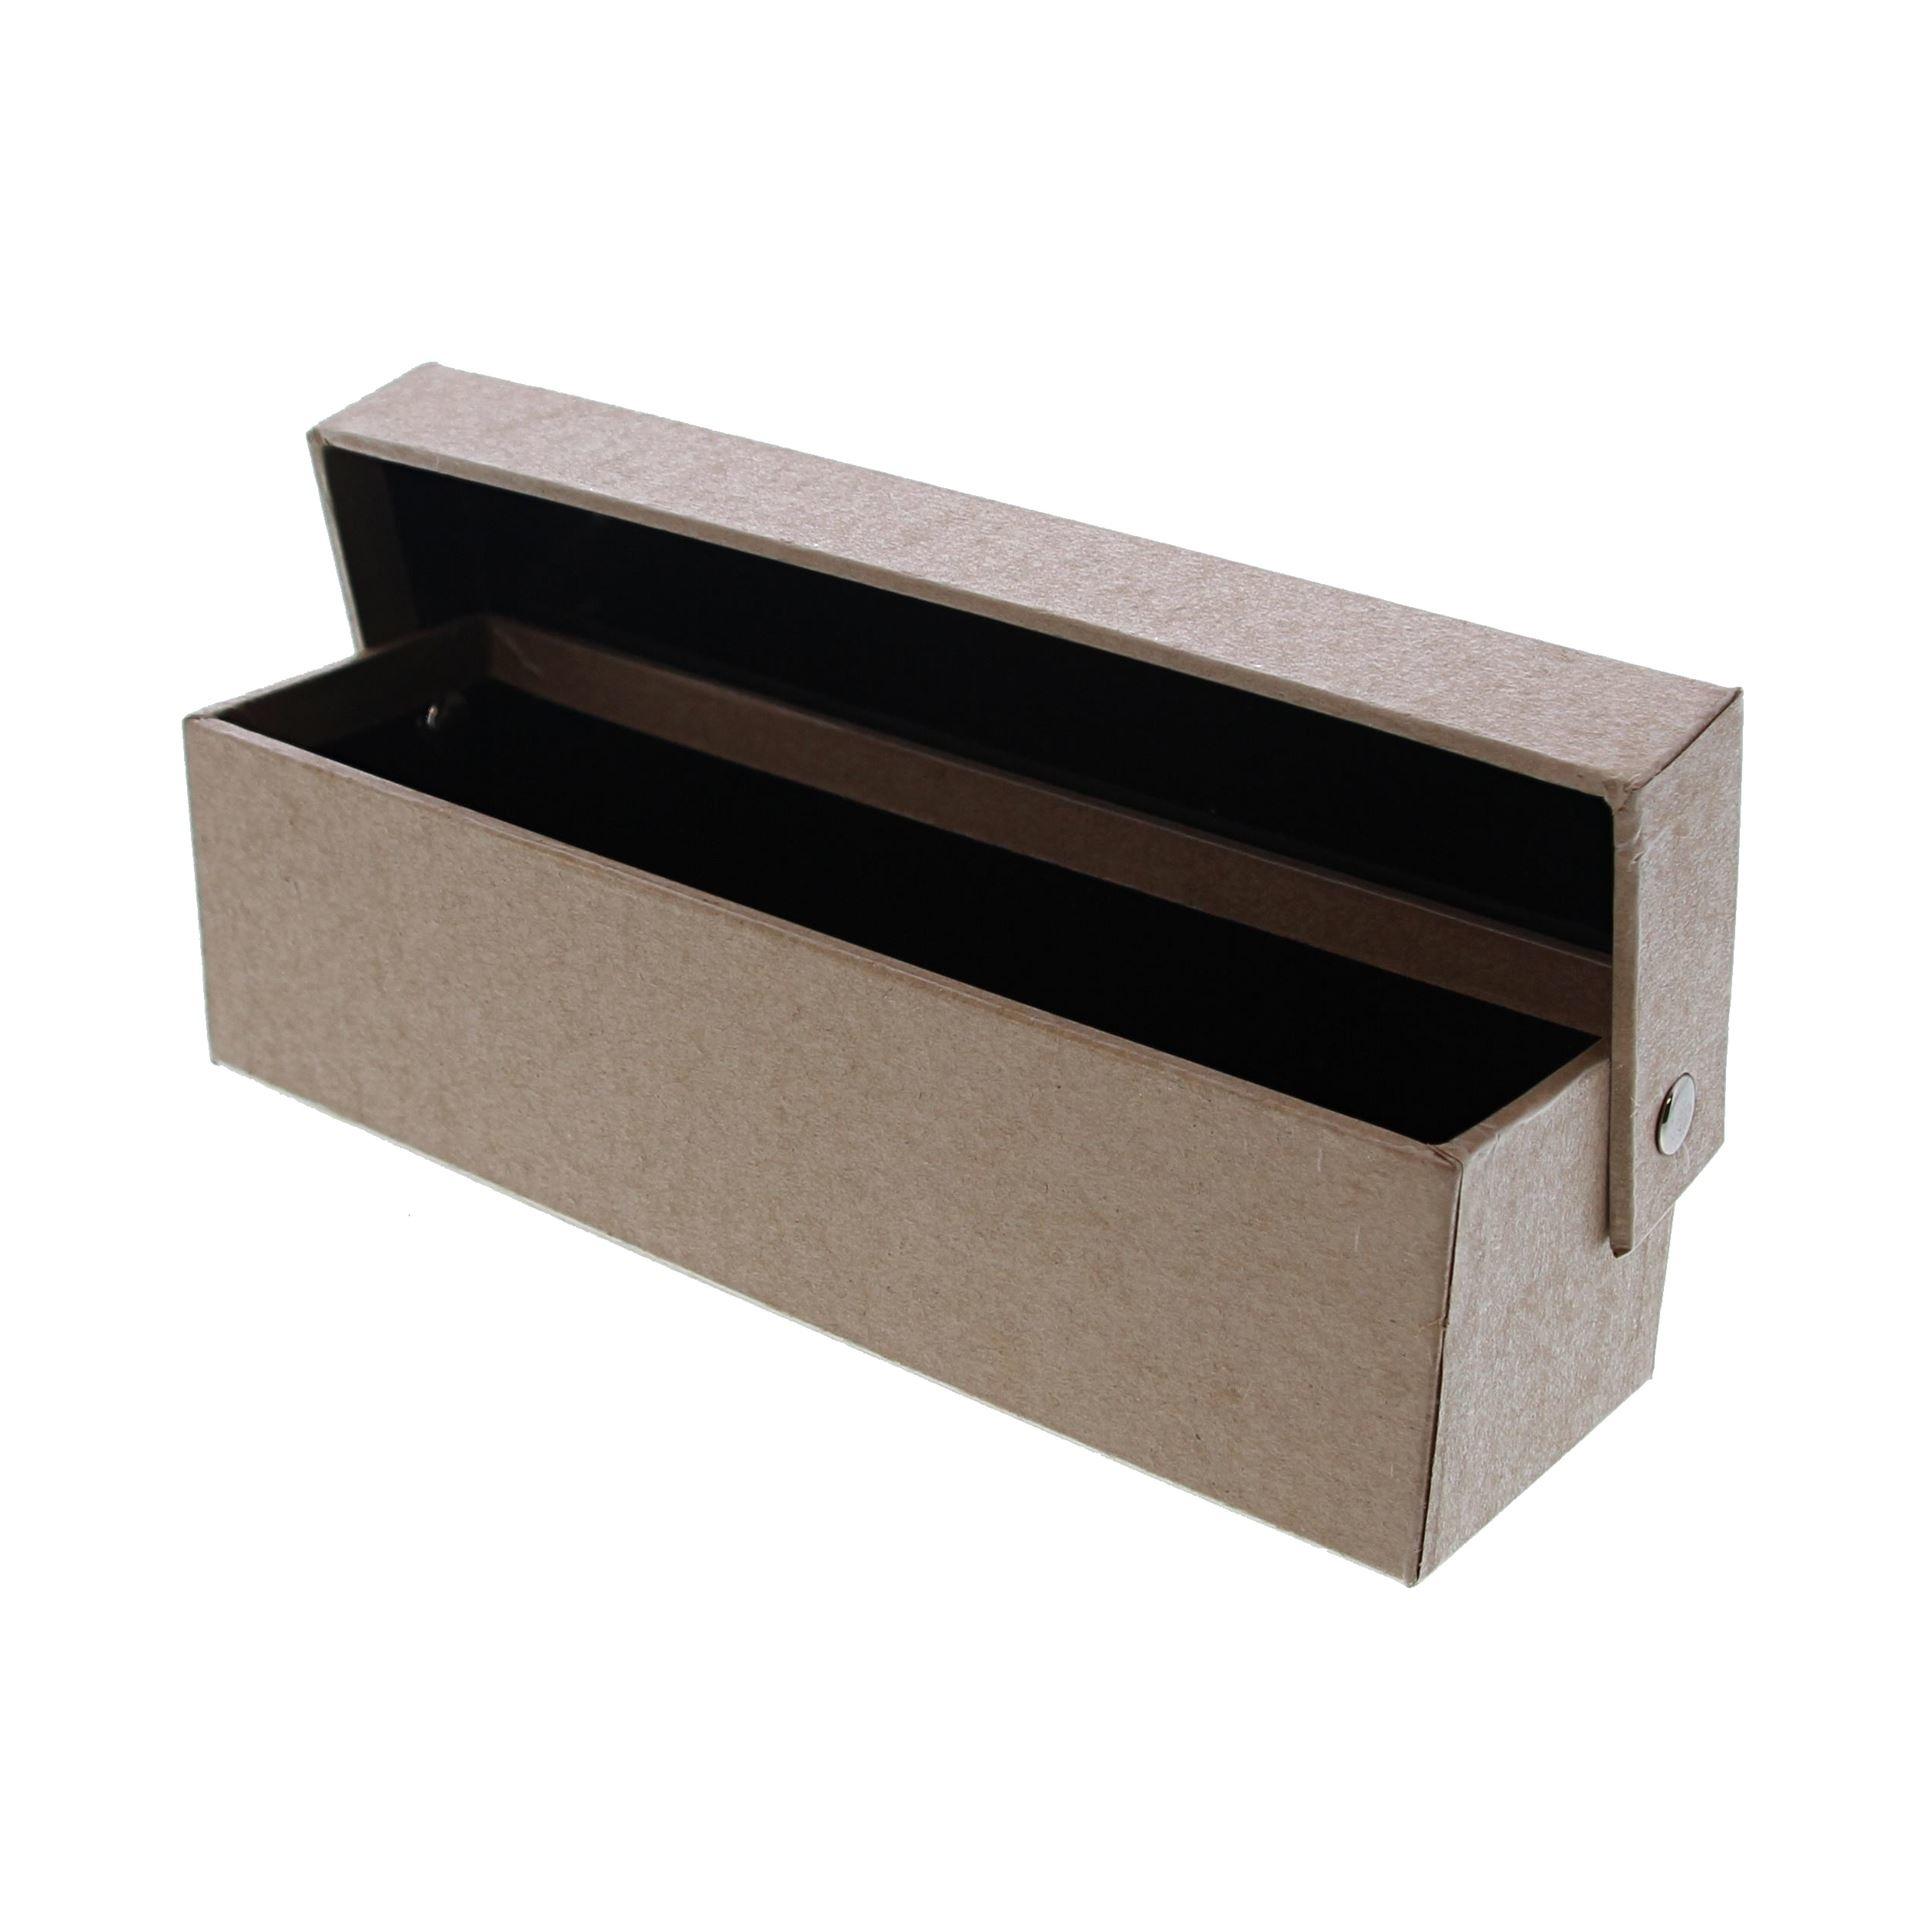 Kraft Schachtel rechteckig mit Deckel  - 190*60*55mm - 10 Stück